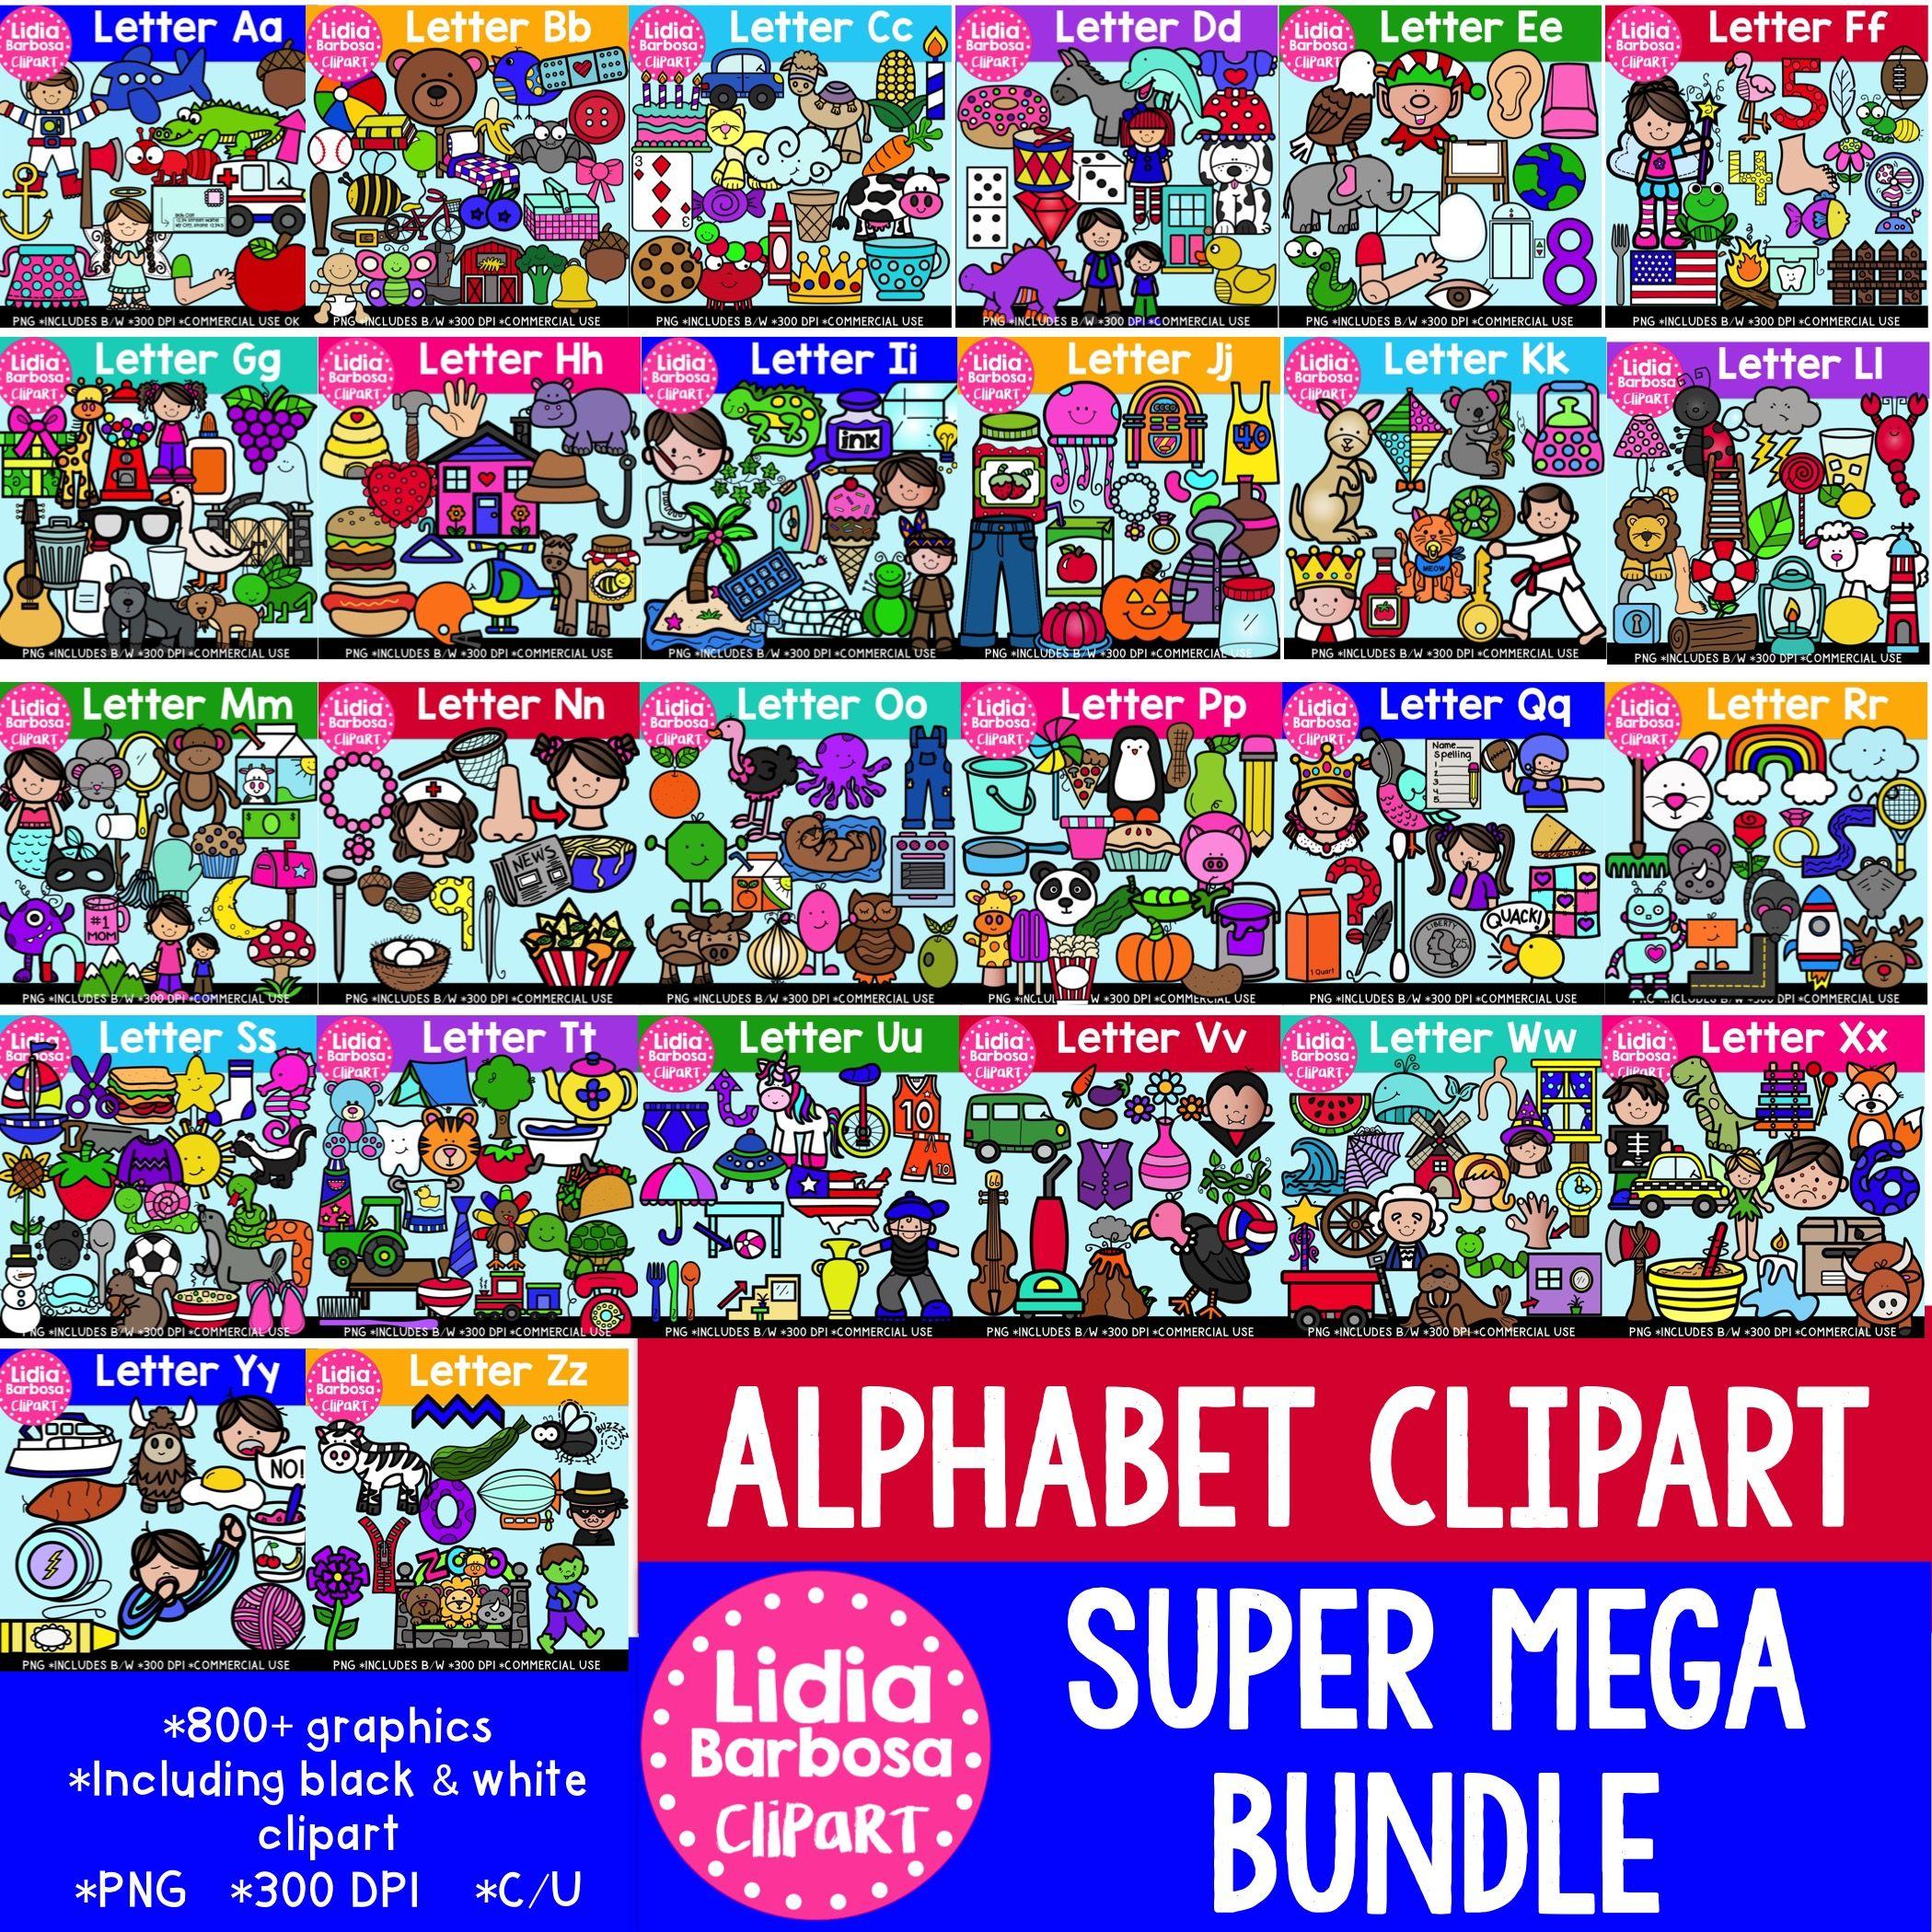 Alphabet Clipart Super Mega Bundle Bolds Edition